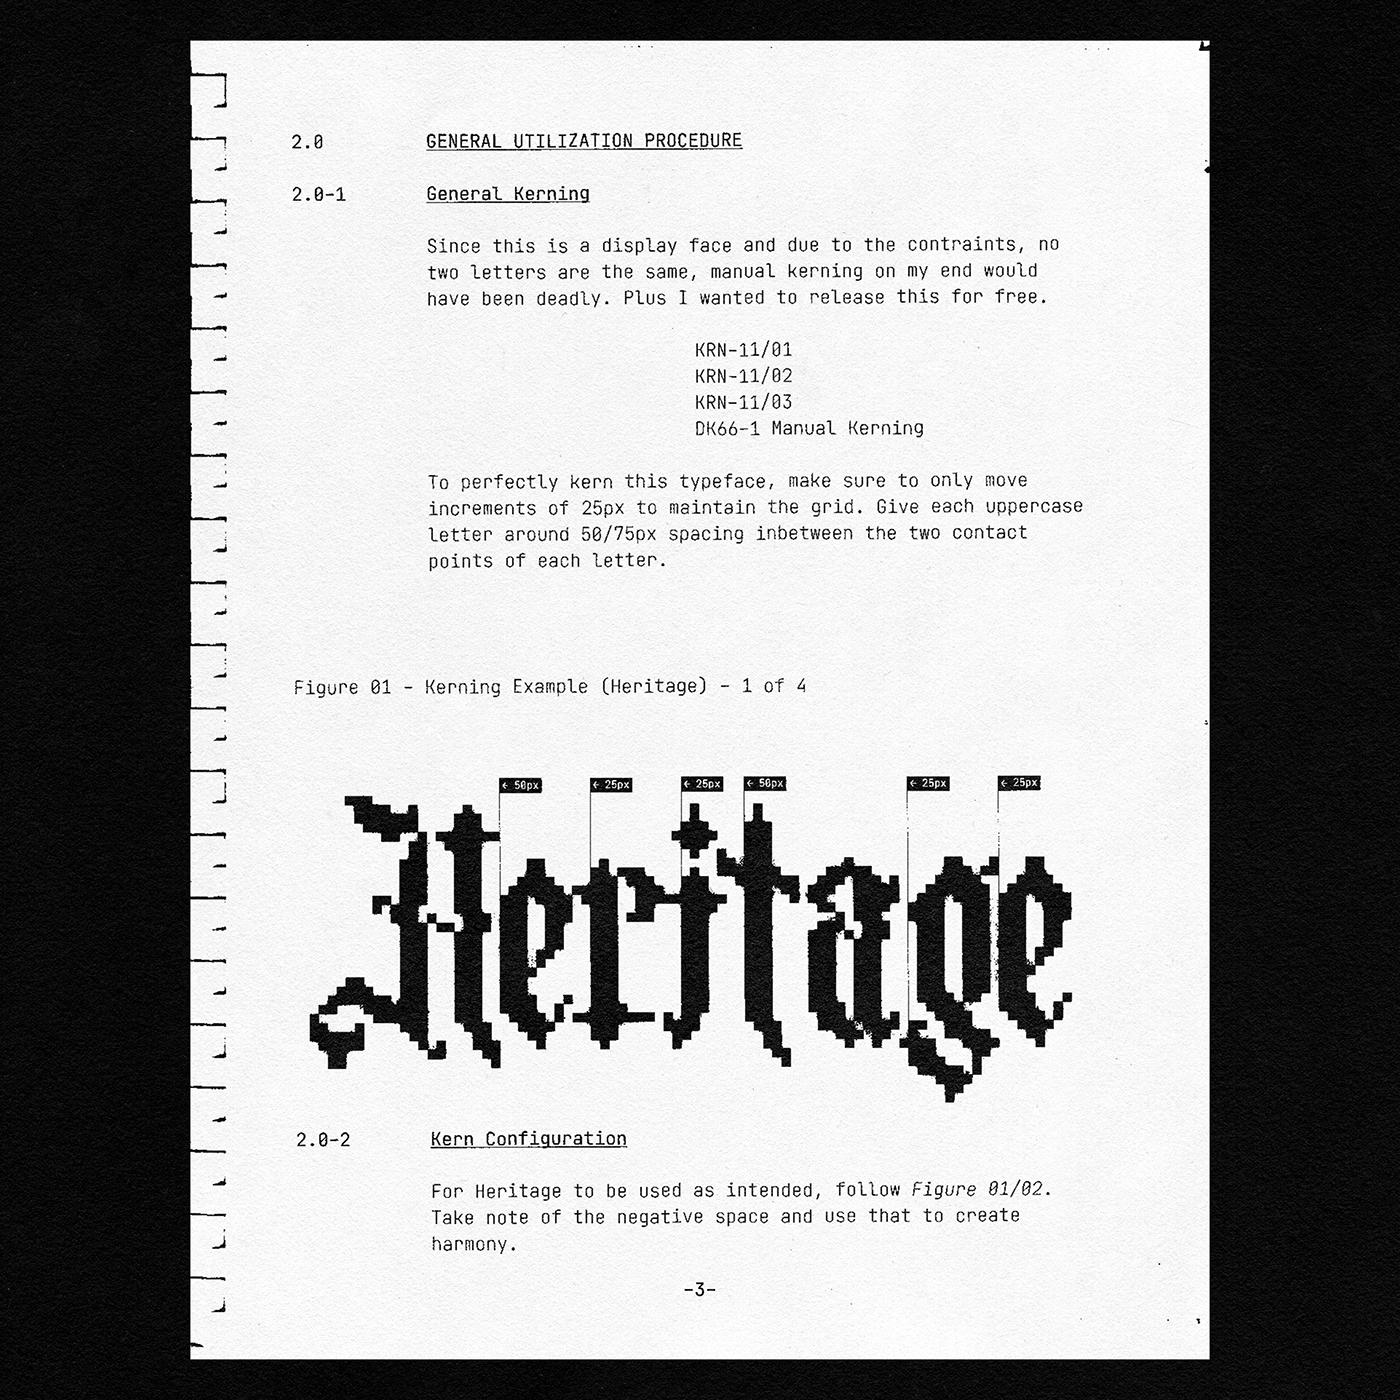 [淘宝购买] 潮流复古像素CRT显示海报标题徽标Logo设计装饰字体素材 Heritage Display Pixel Blackletter插图5